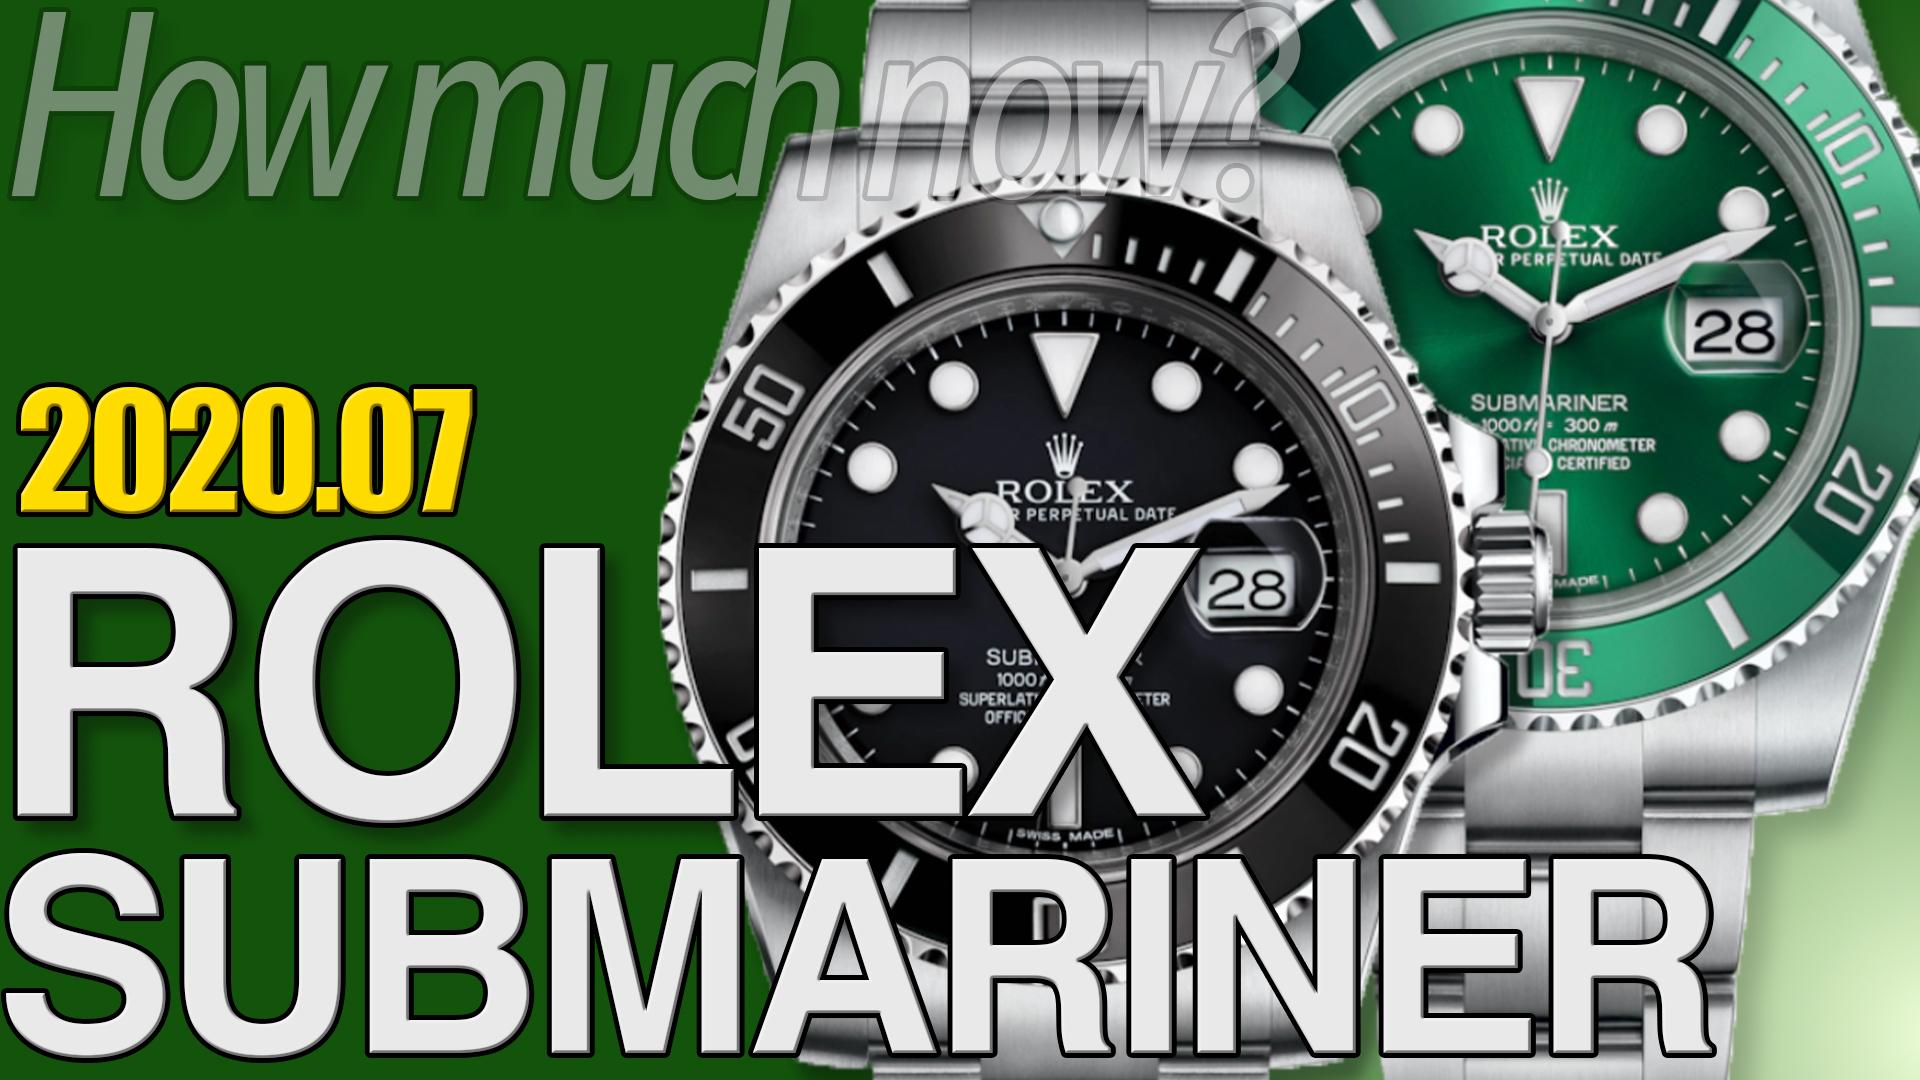 サブマリーナー 買取相場まとめ 2020年7月版 |ロレックス時計の価格情報